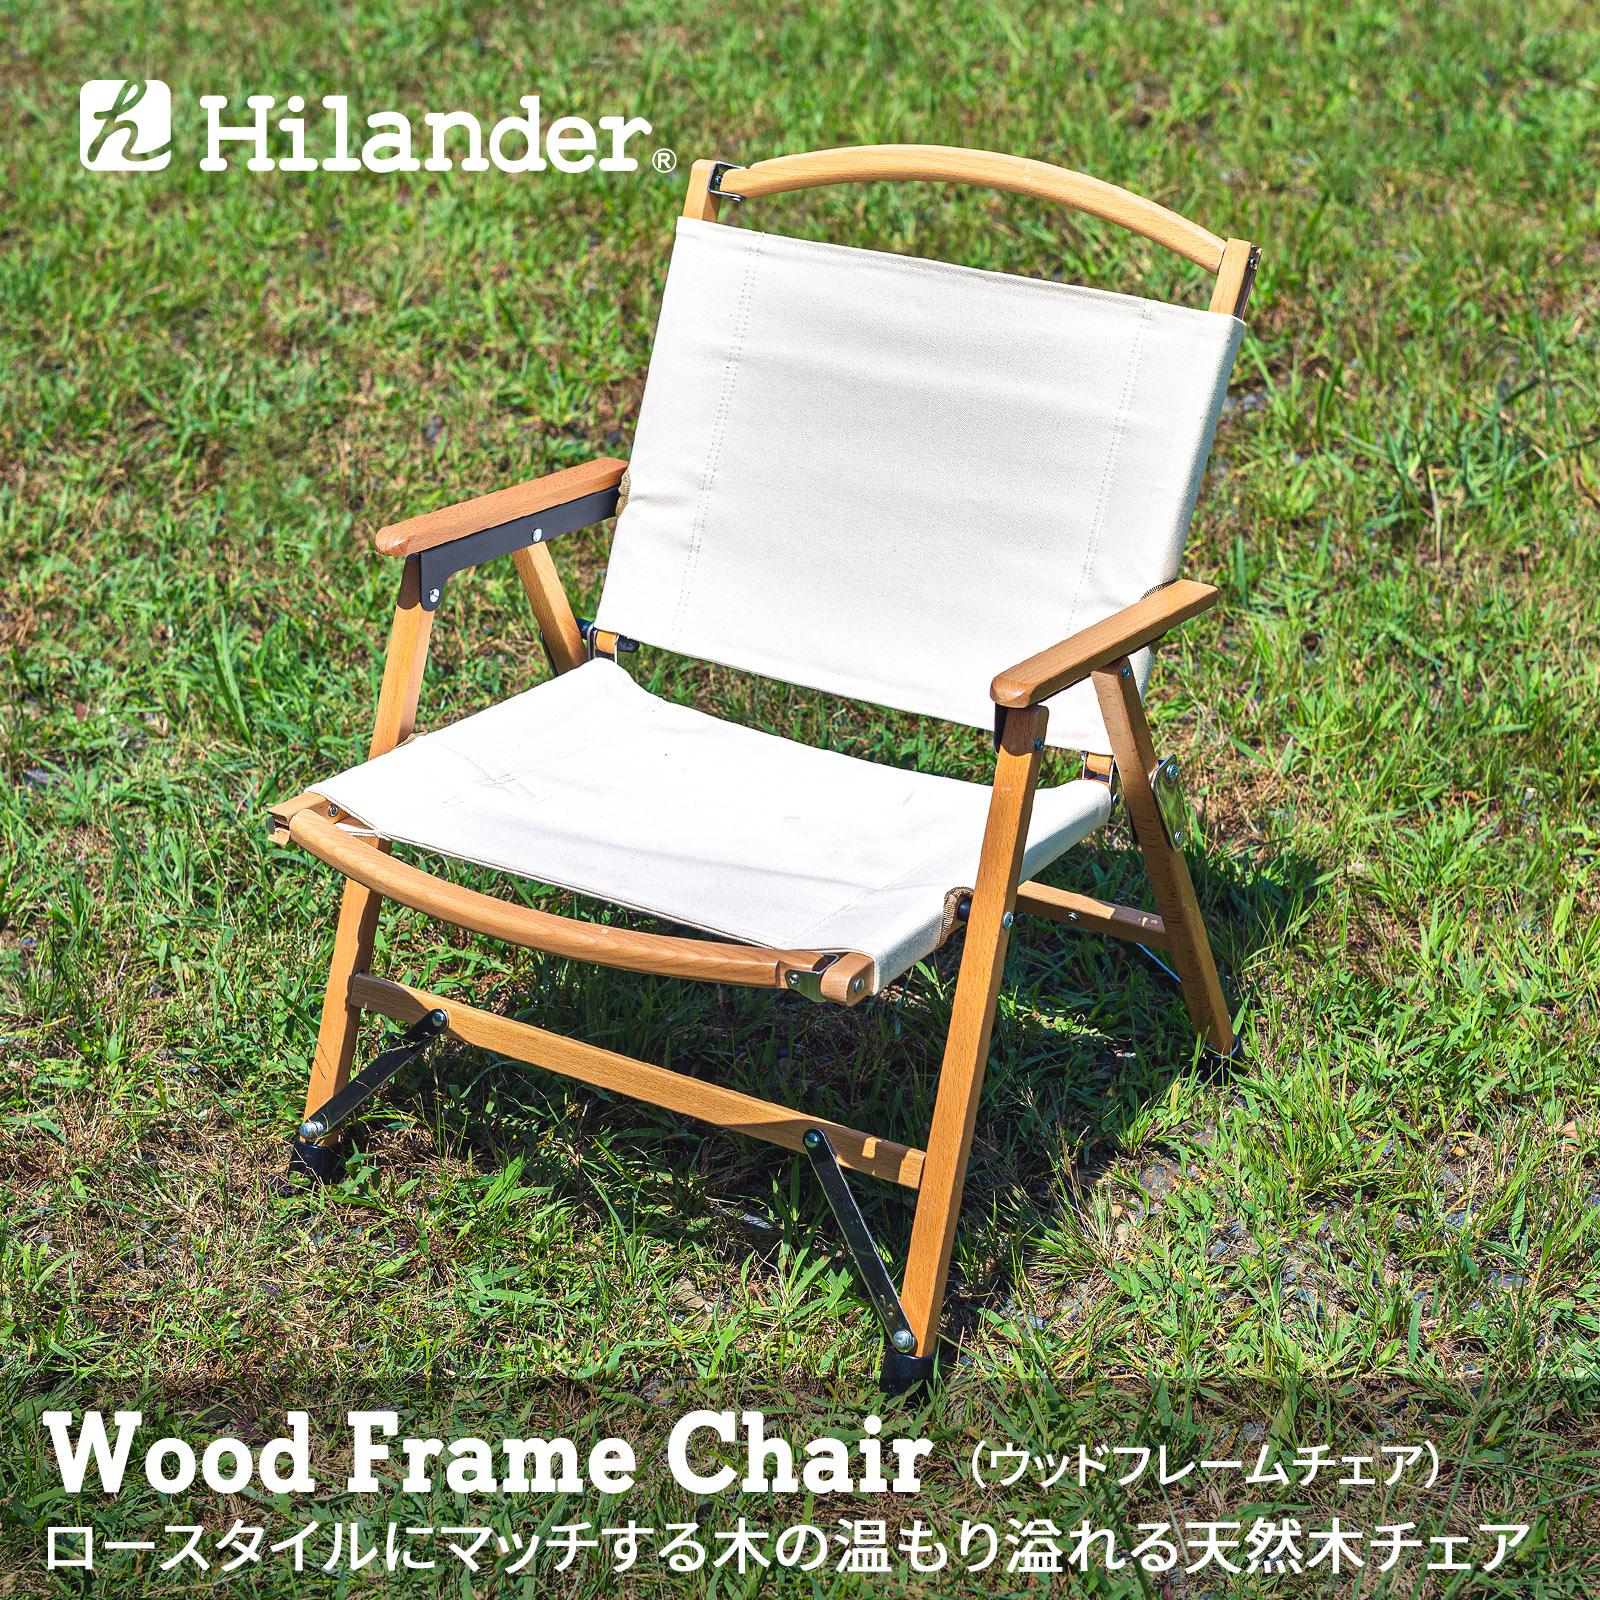 アウトドアチェア Hilander 2020A 送料込 W新作送料無料 ハイランダー ウッドフレームチェア コットン 新仕様 HCA0262 アイボリー 単体